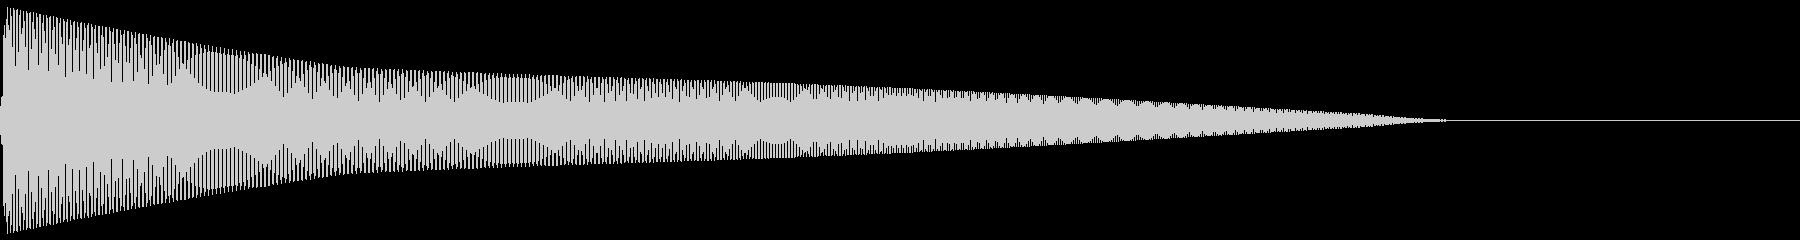 プワーン(ジャンプ/ファミコン/かわいいの未再生の波形